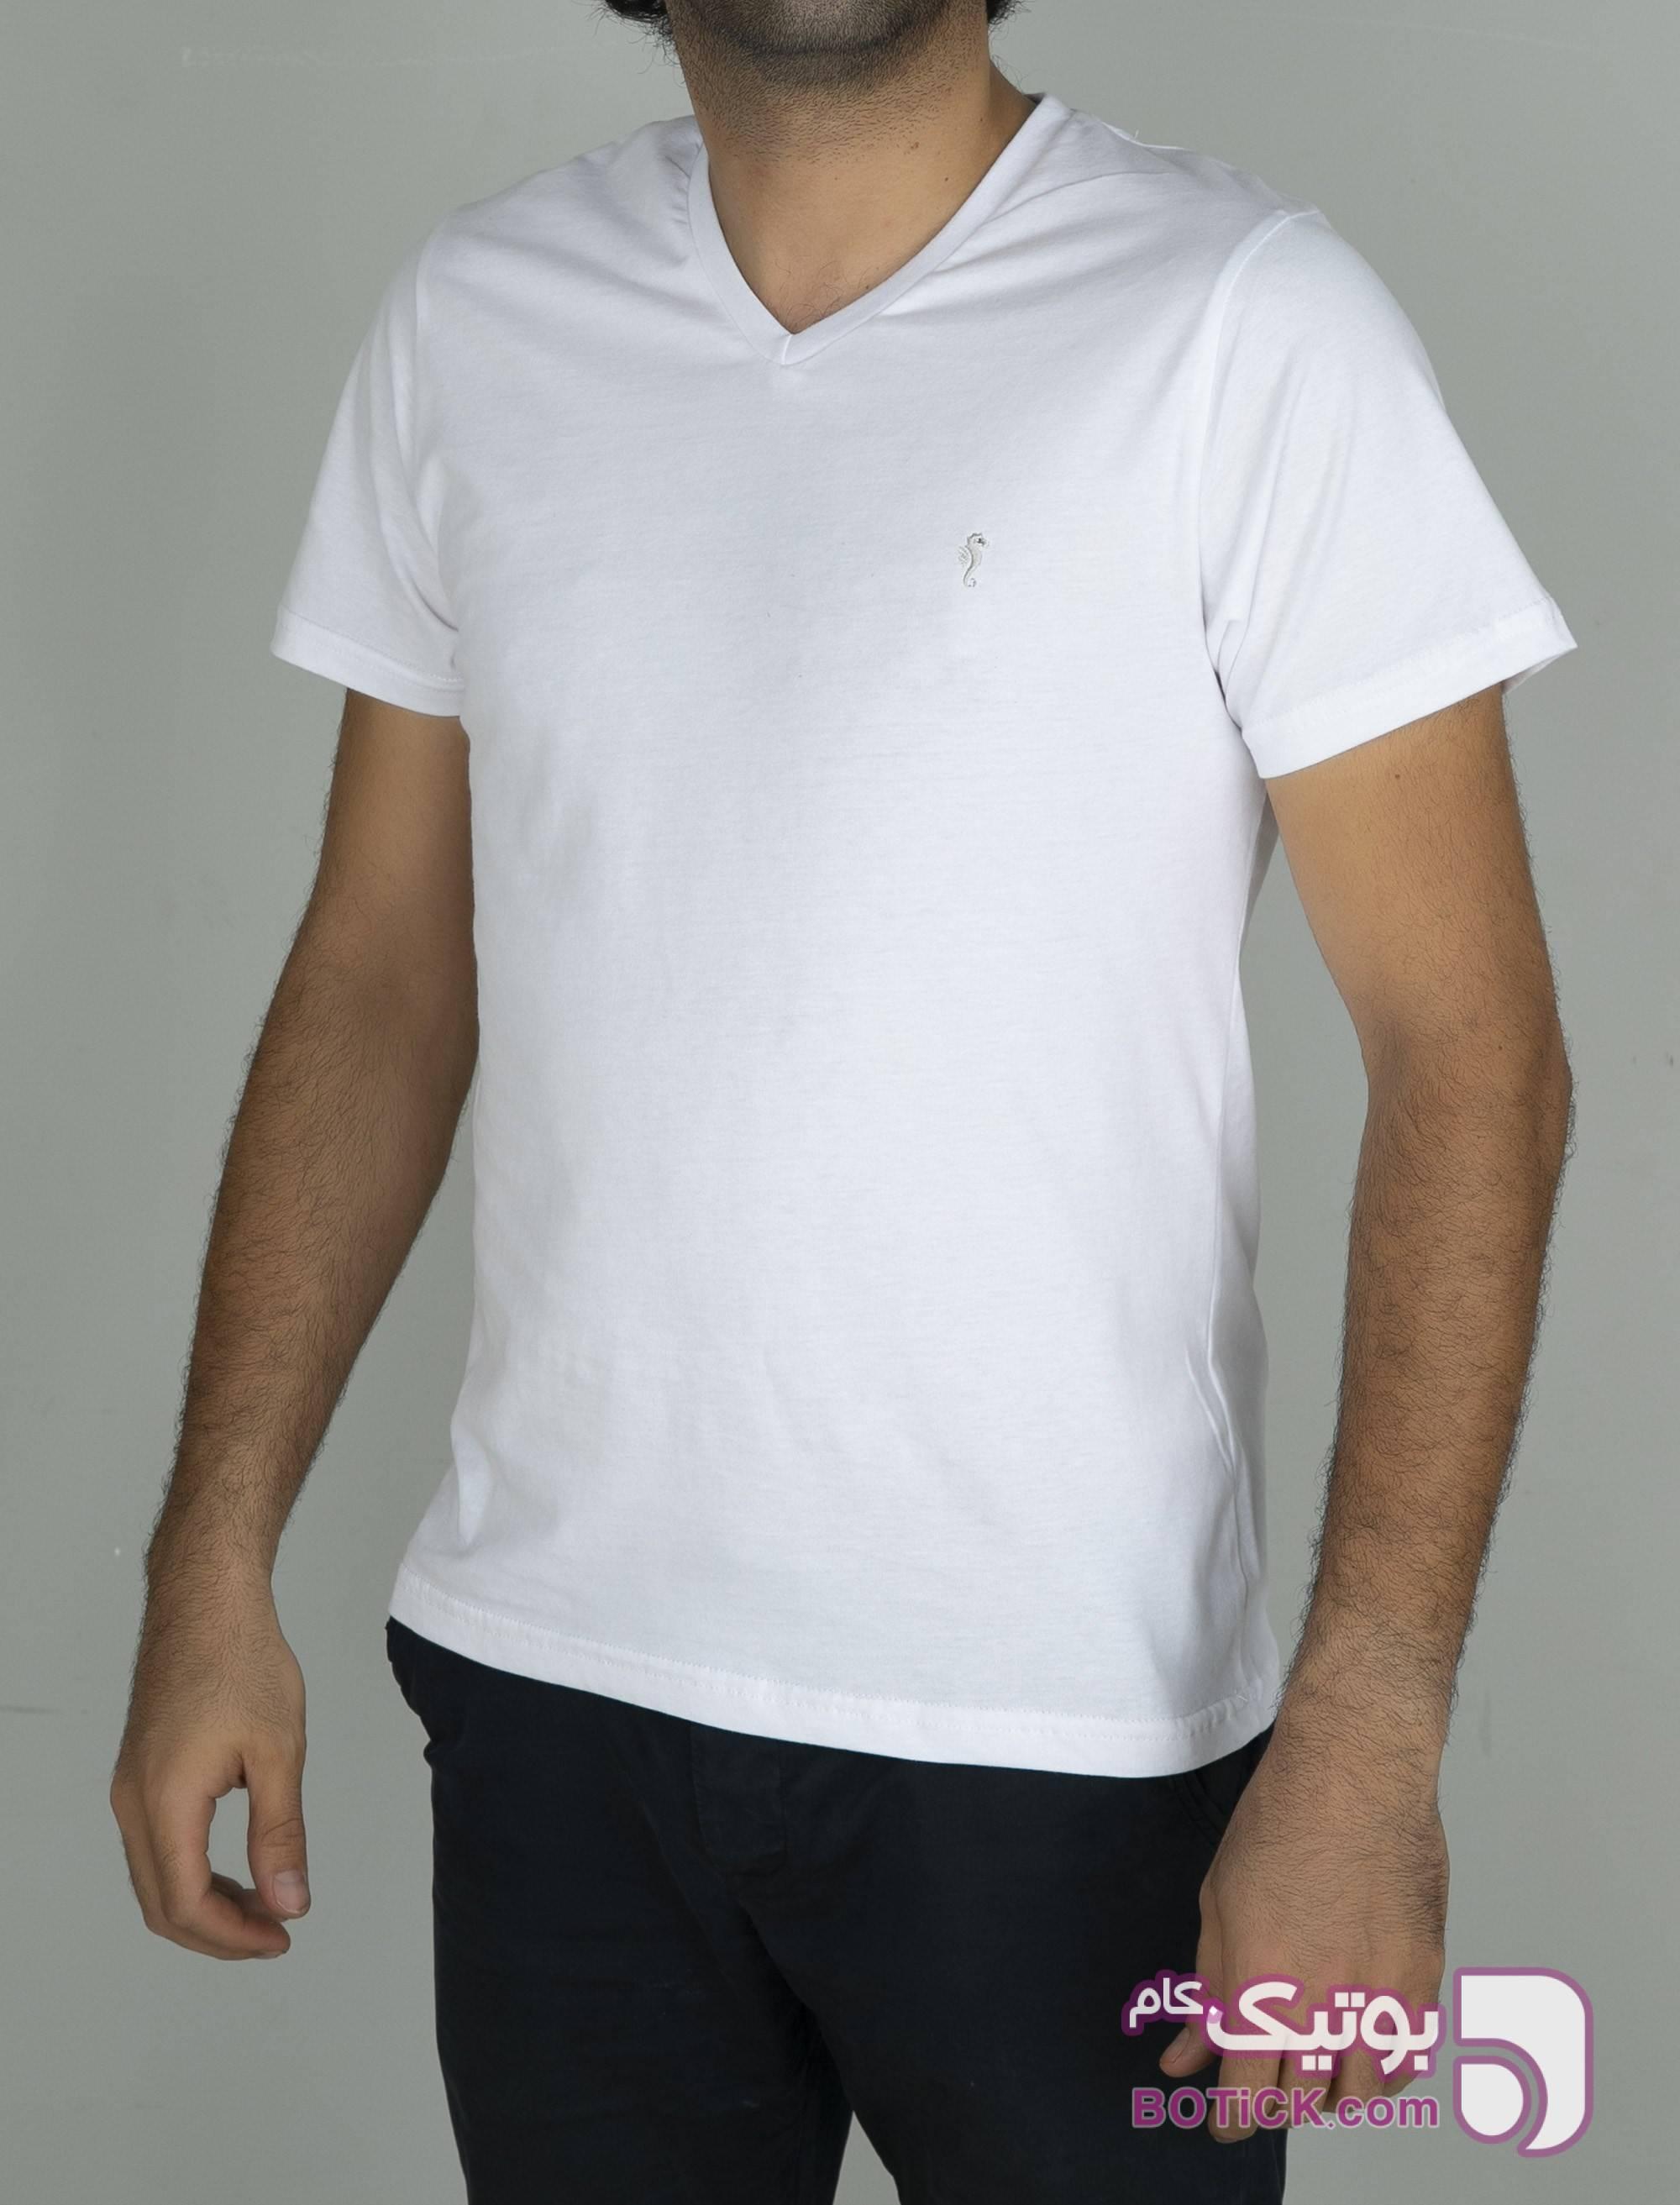 تی شرت نخی یقه هفت مردانه سفید تی شرتو پولو شرت مردانه